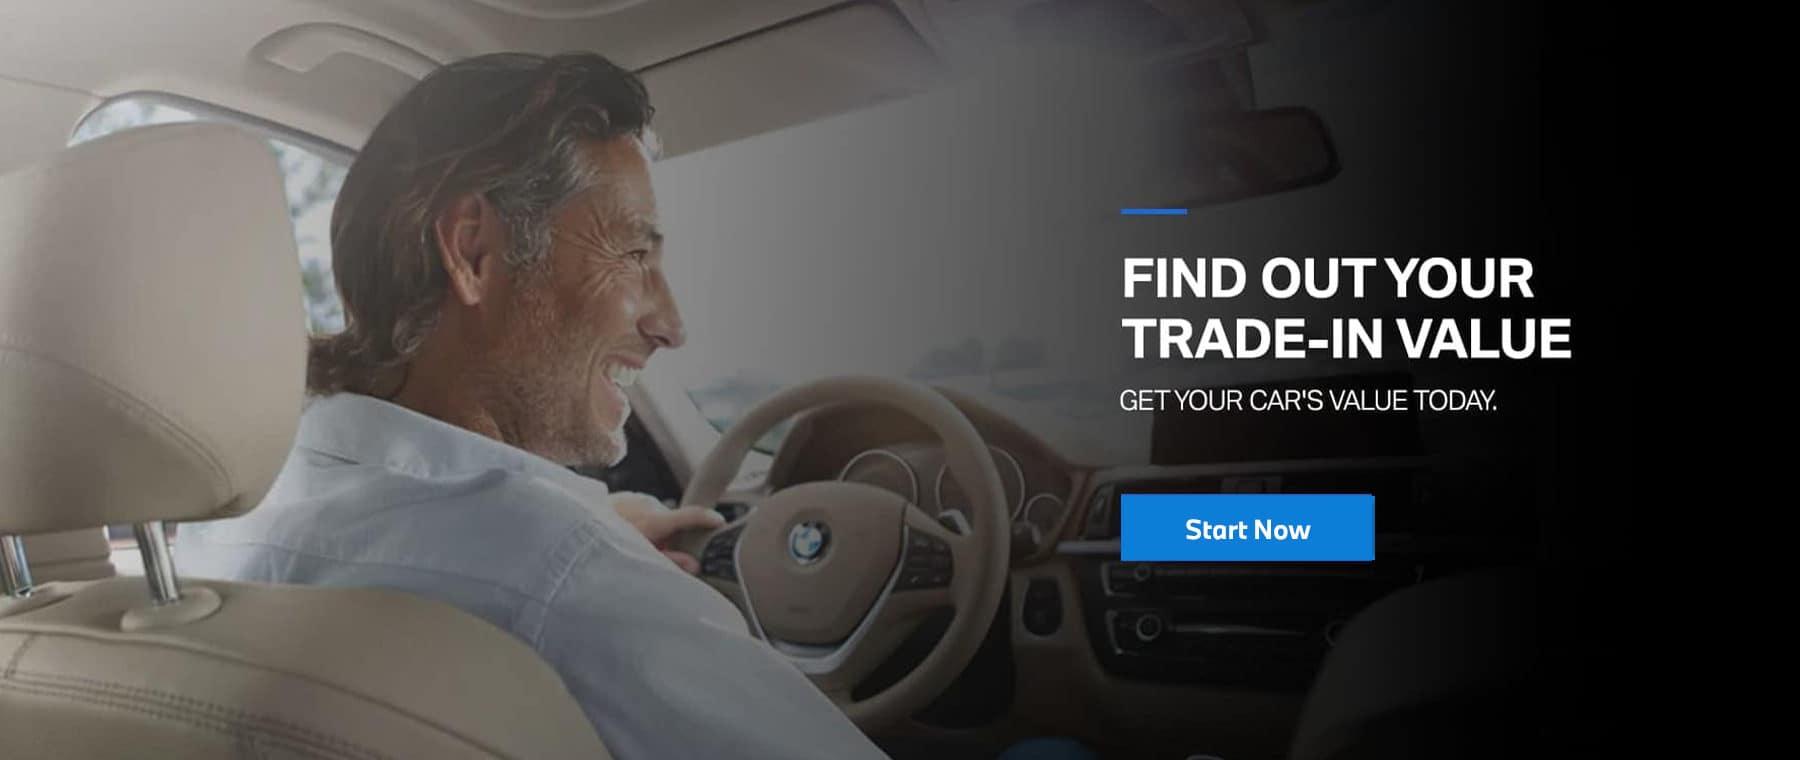 BMW_Stratham_Trade-In_Slide_1800x760_ComplianceUpdate_09-21